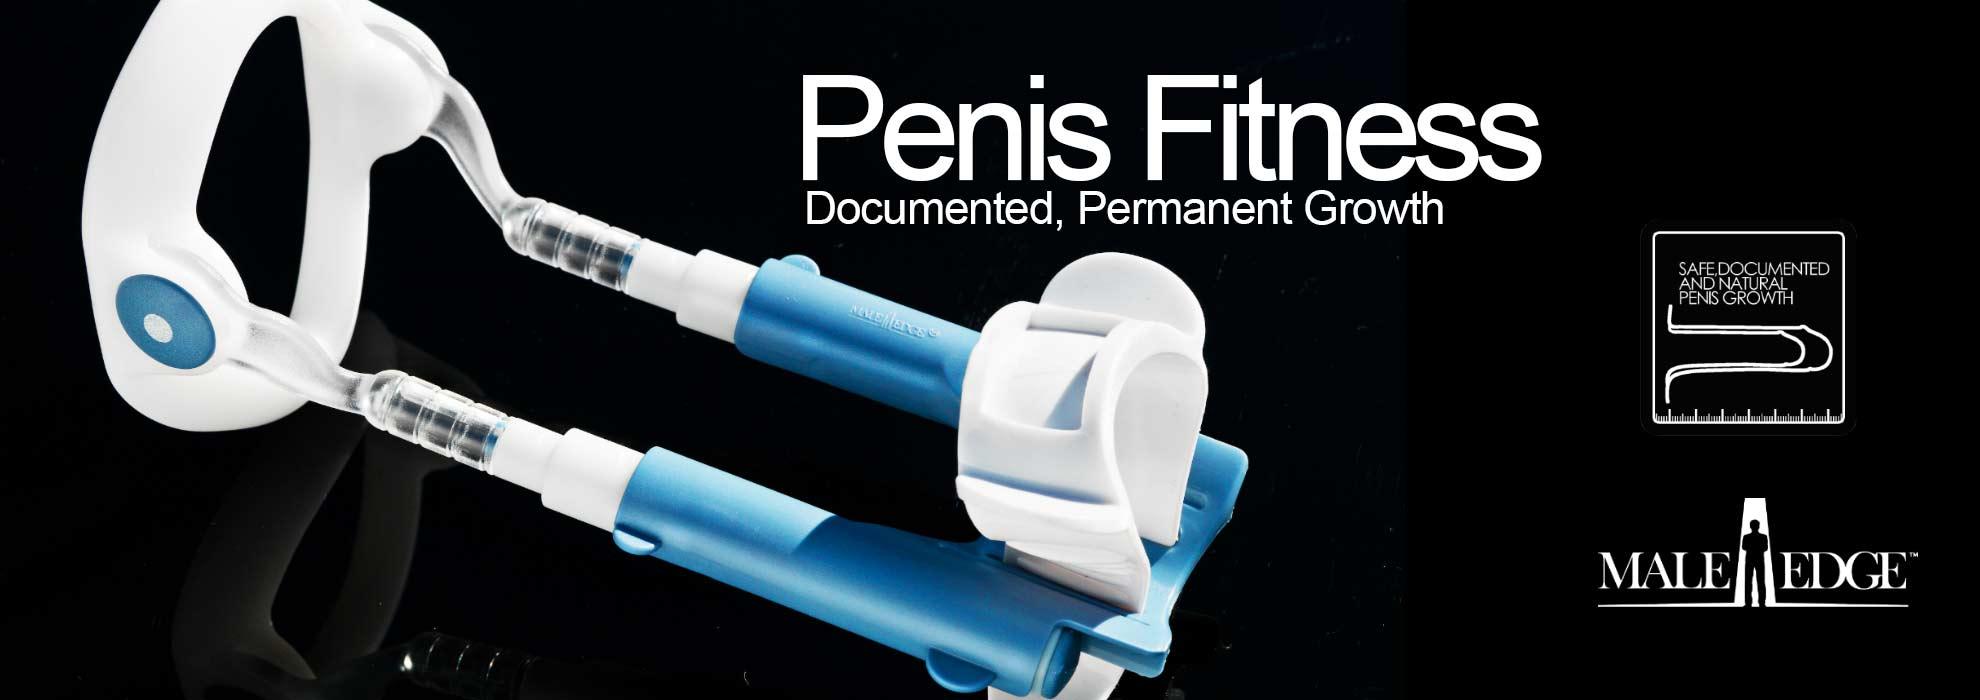 Penile Health